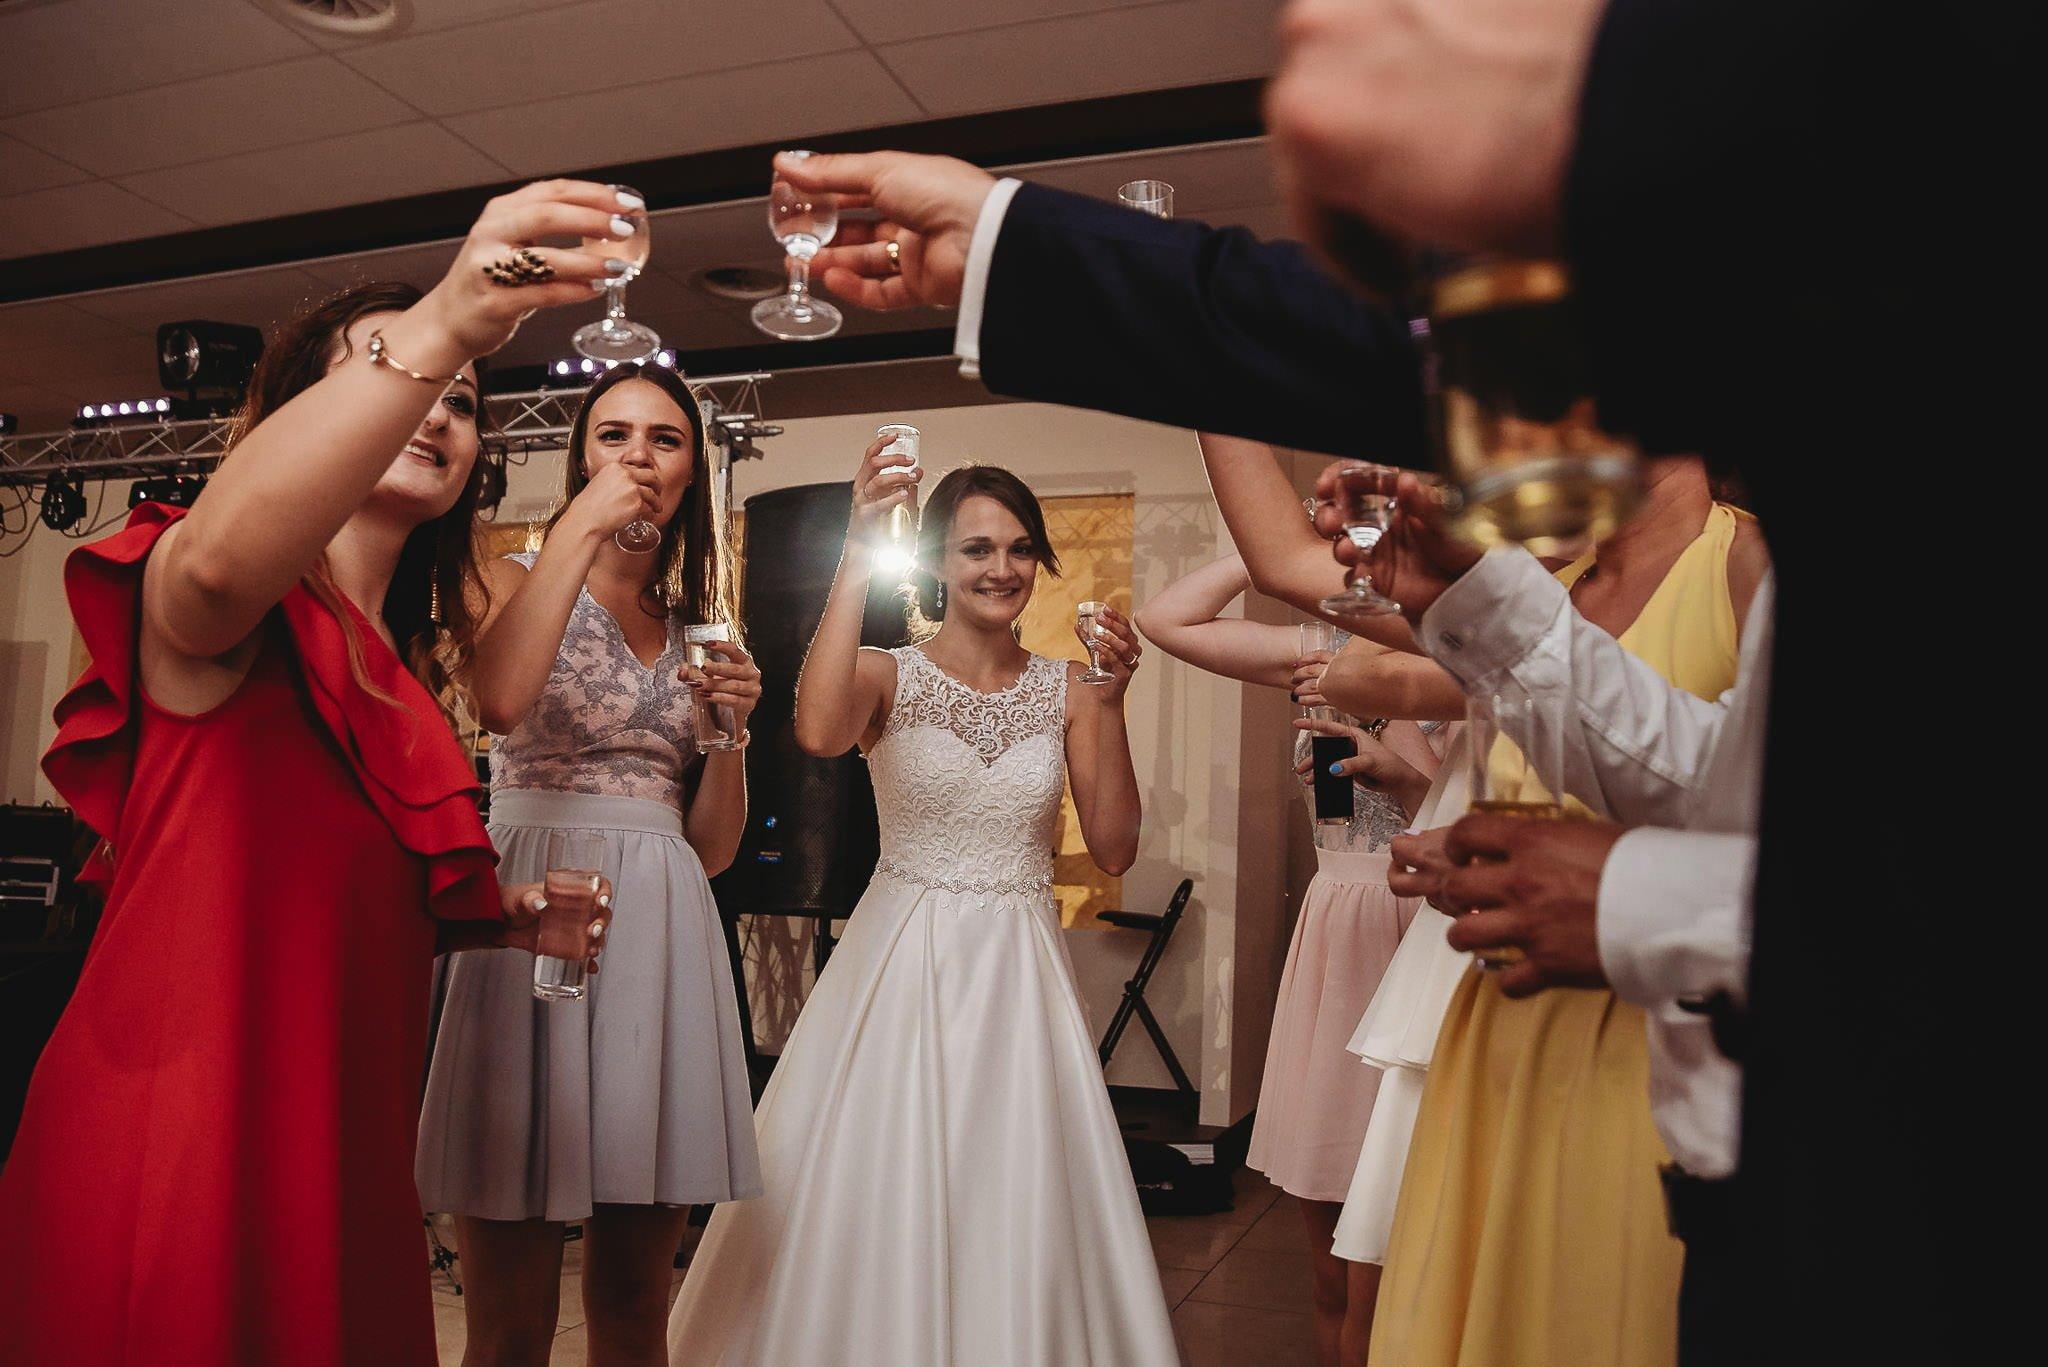 Monika i Michał, wesele w Paryżu i sesja plenerowa w stadninie koni w Czołowie 242